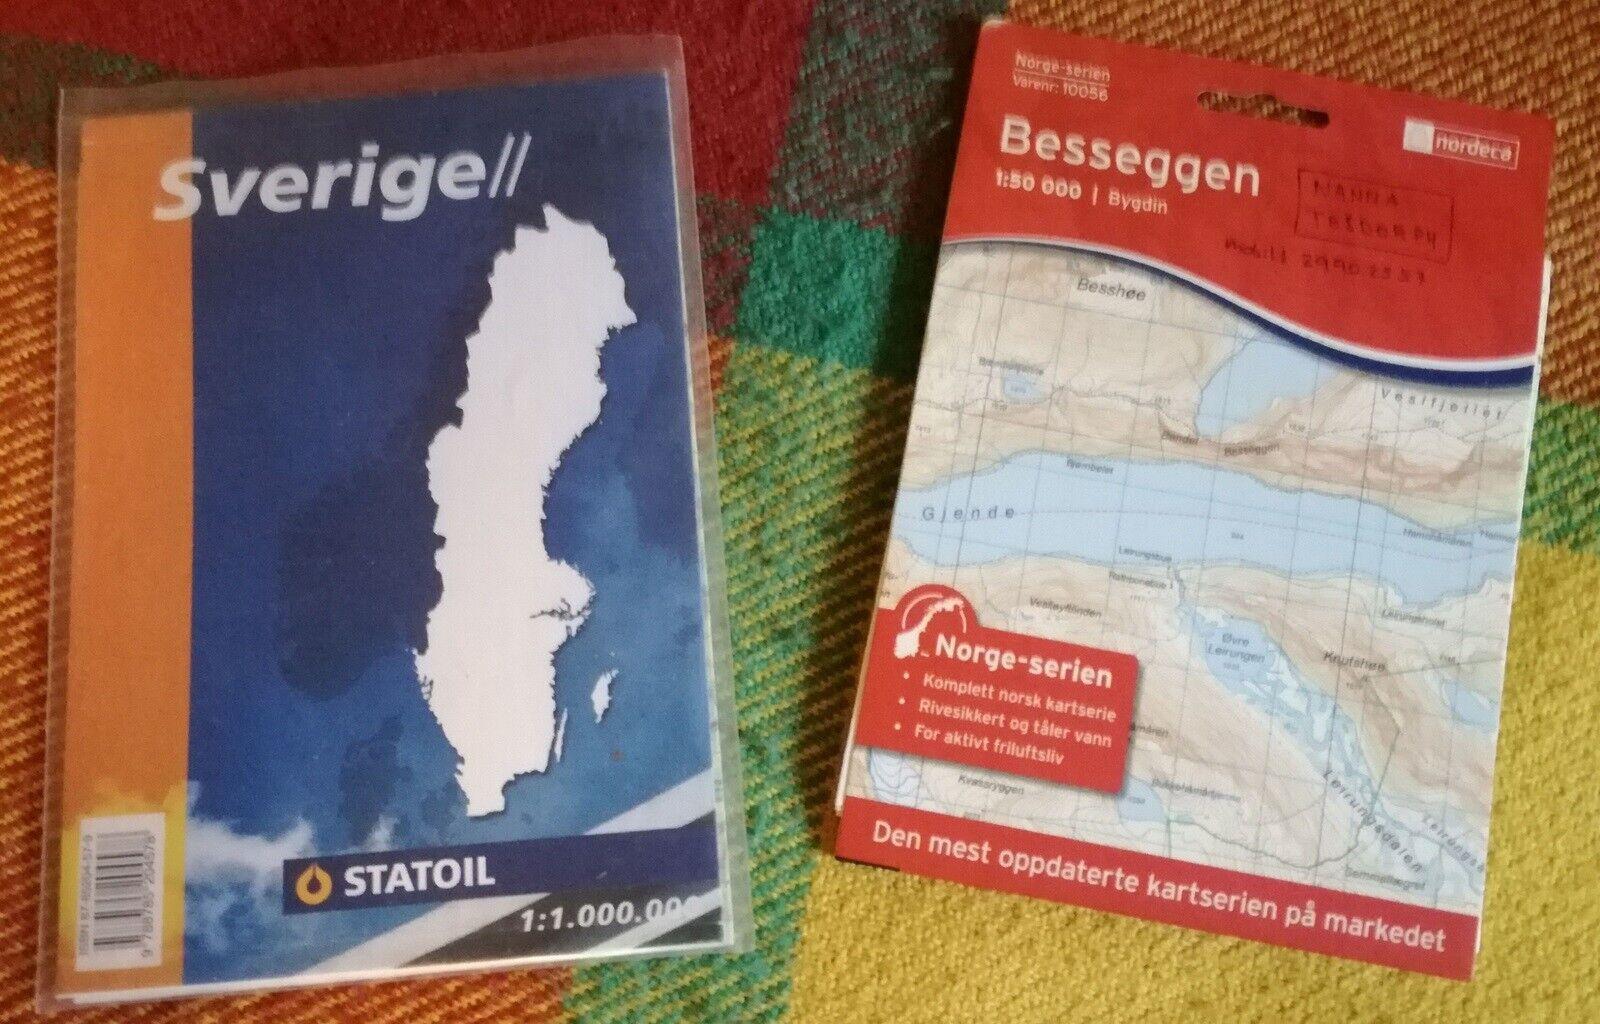 Norge Besseggen Topo Kort Og Dba Dk Kob Og Salg Af Nyt Og Brugt